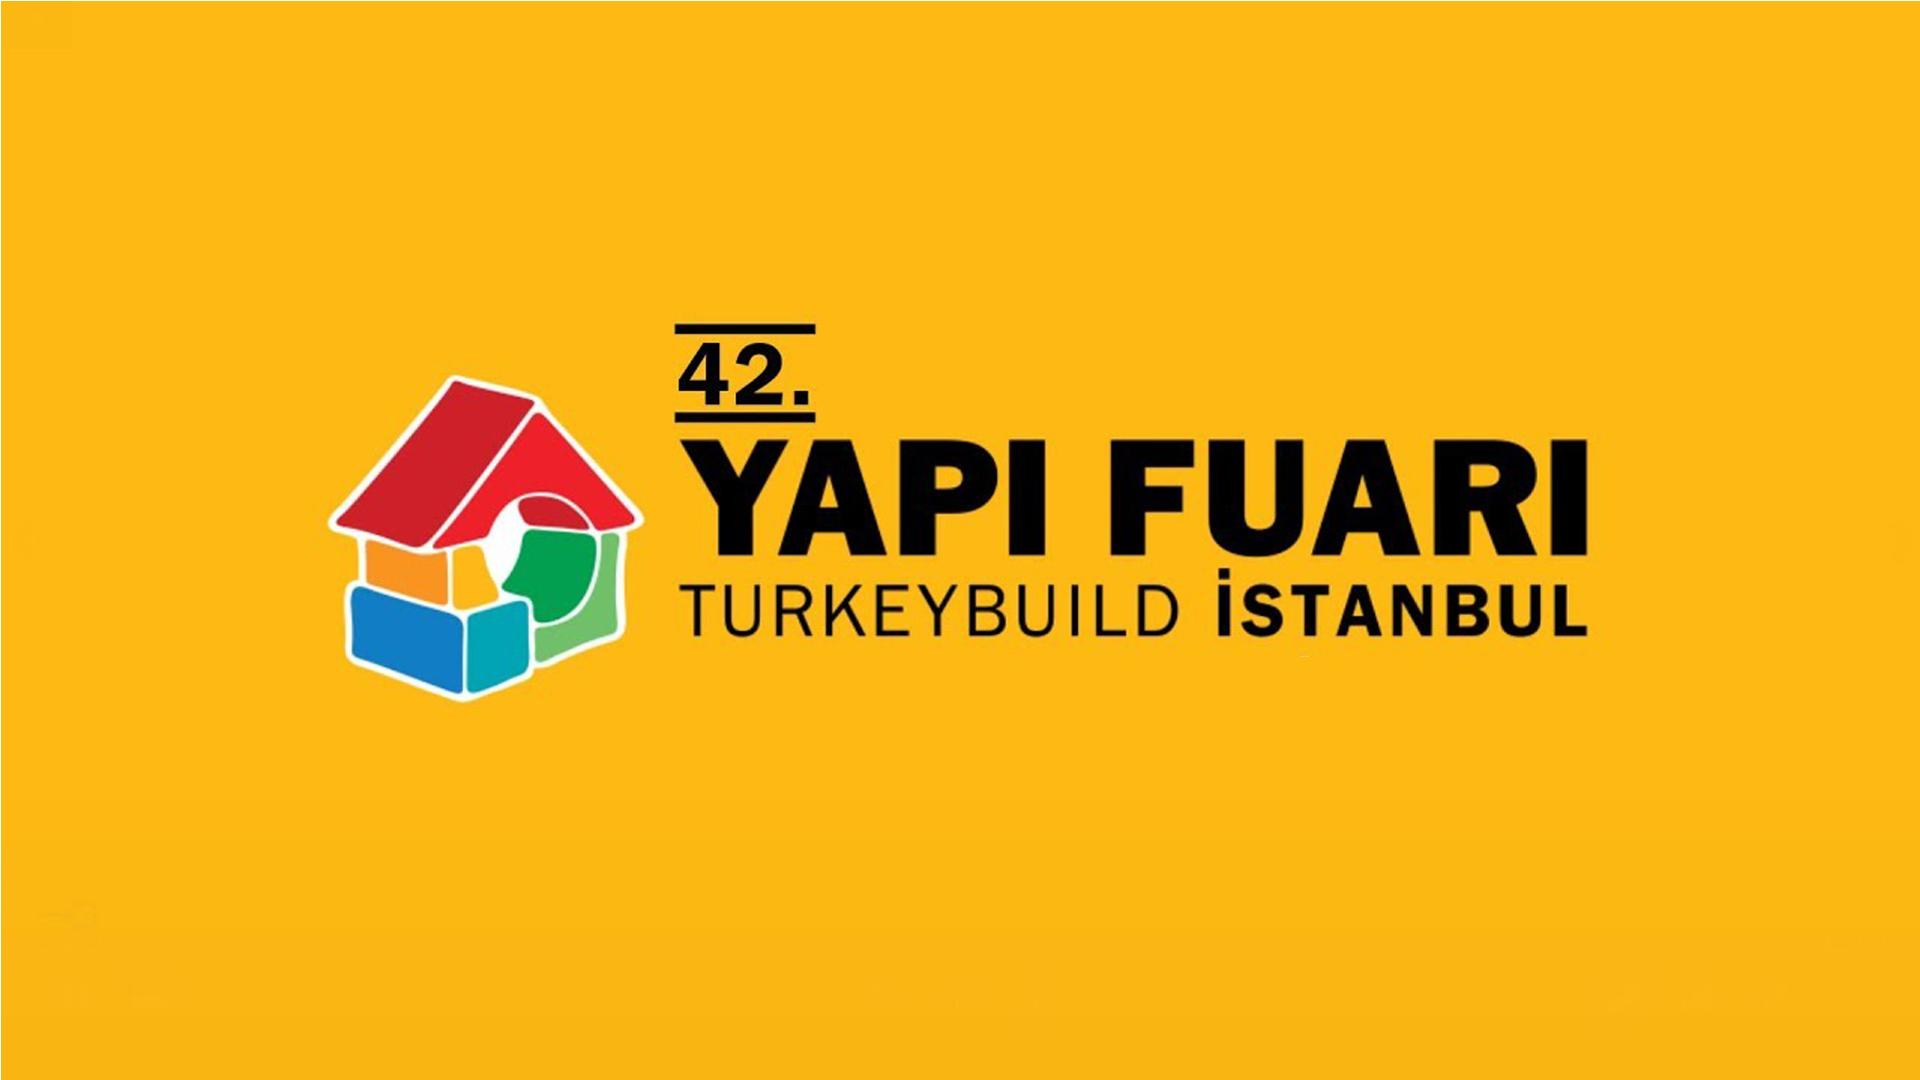 yapfuar